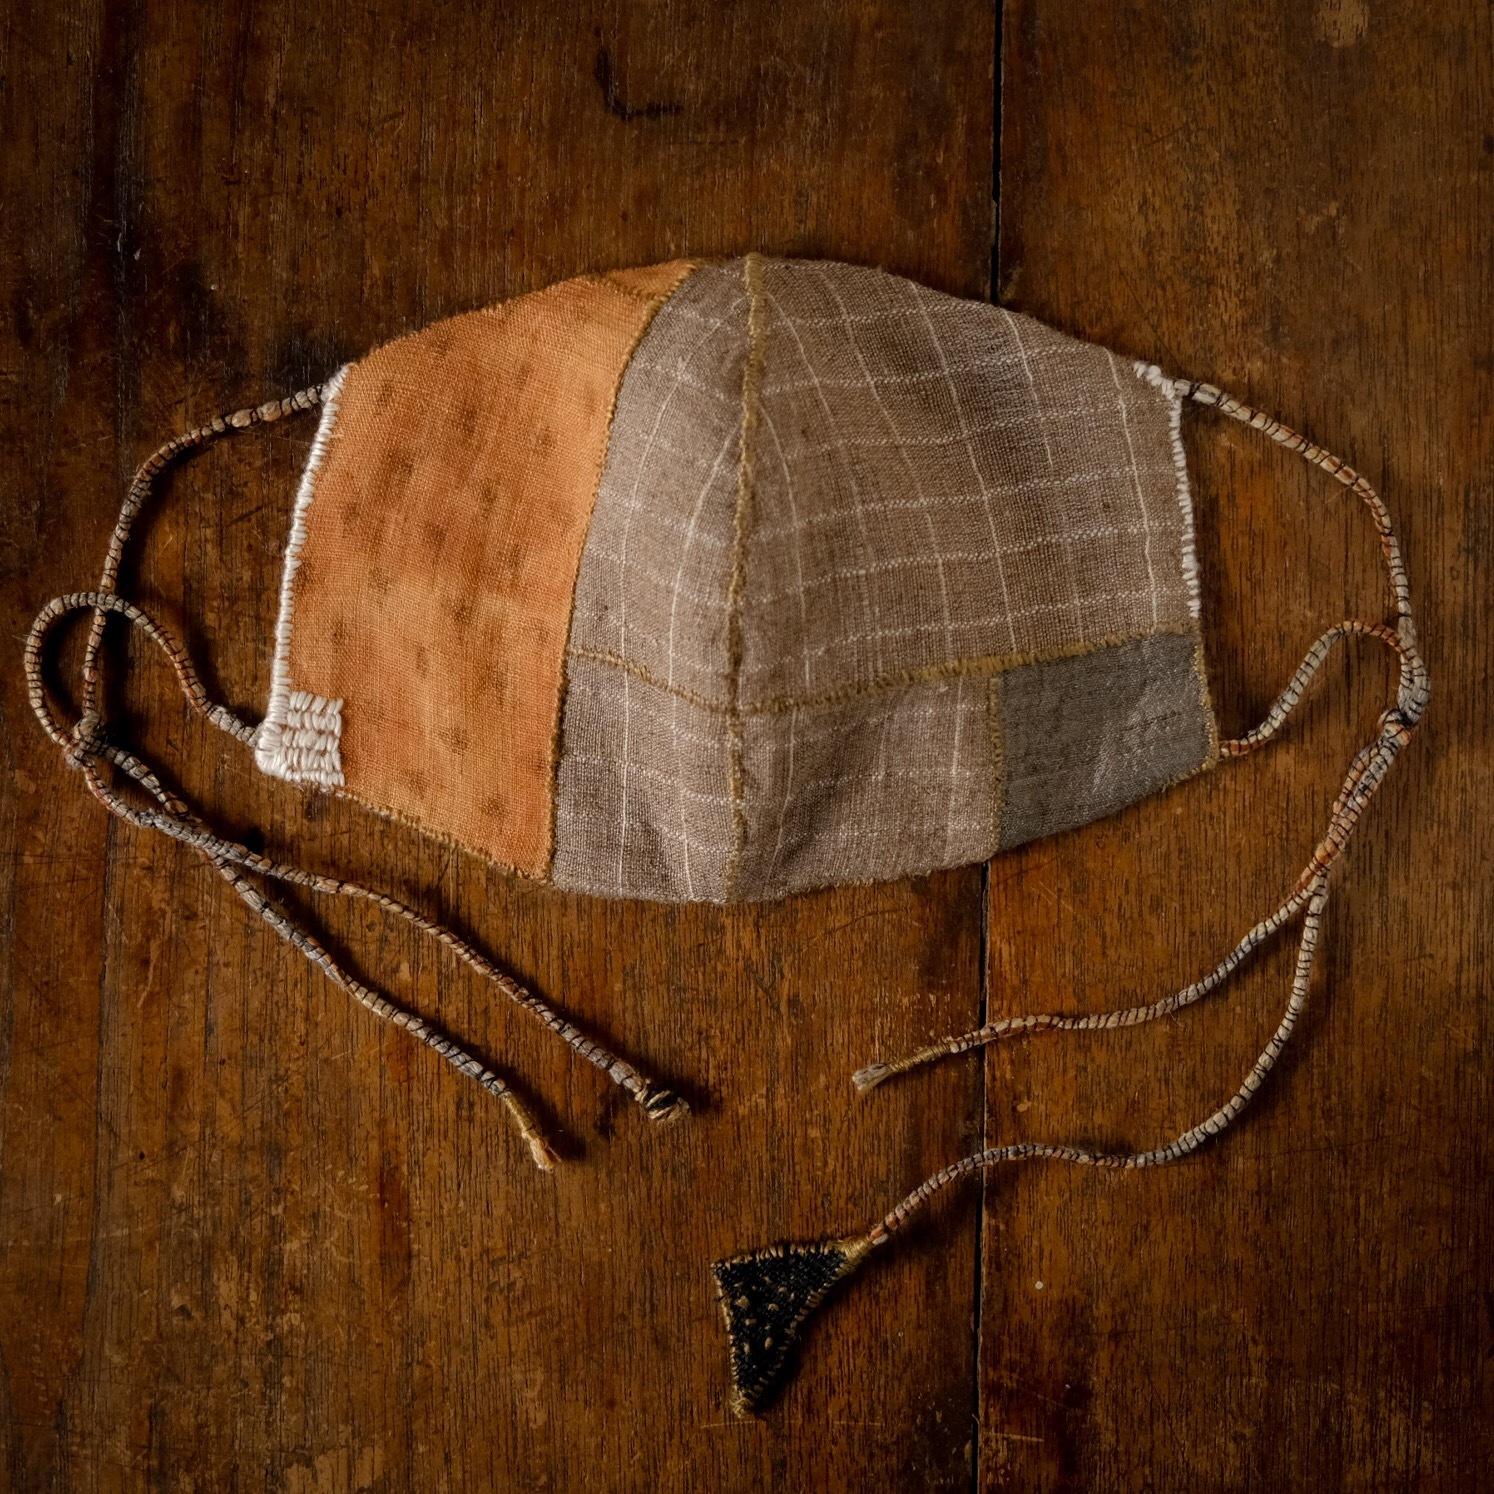 「dignity」草木染め絹/柿渋麻と炭染有機木綿の手縫いマスク 標準サイズ